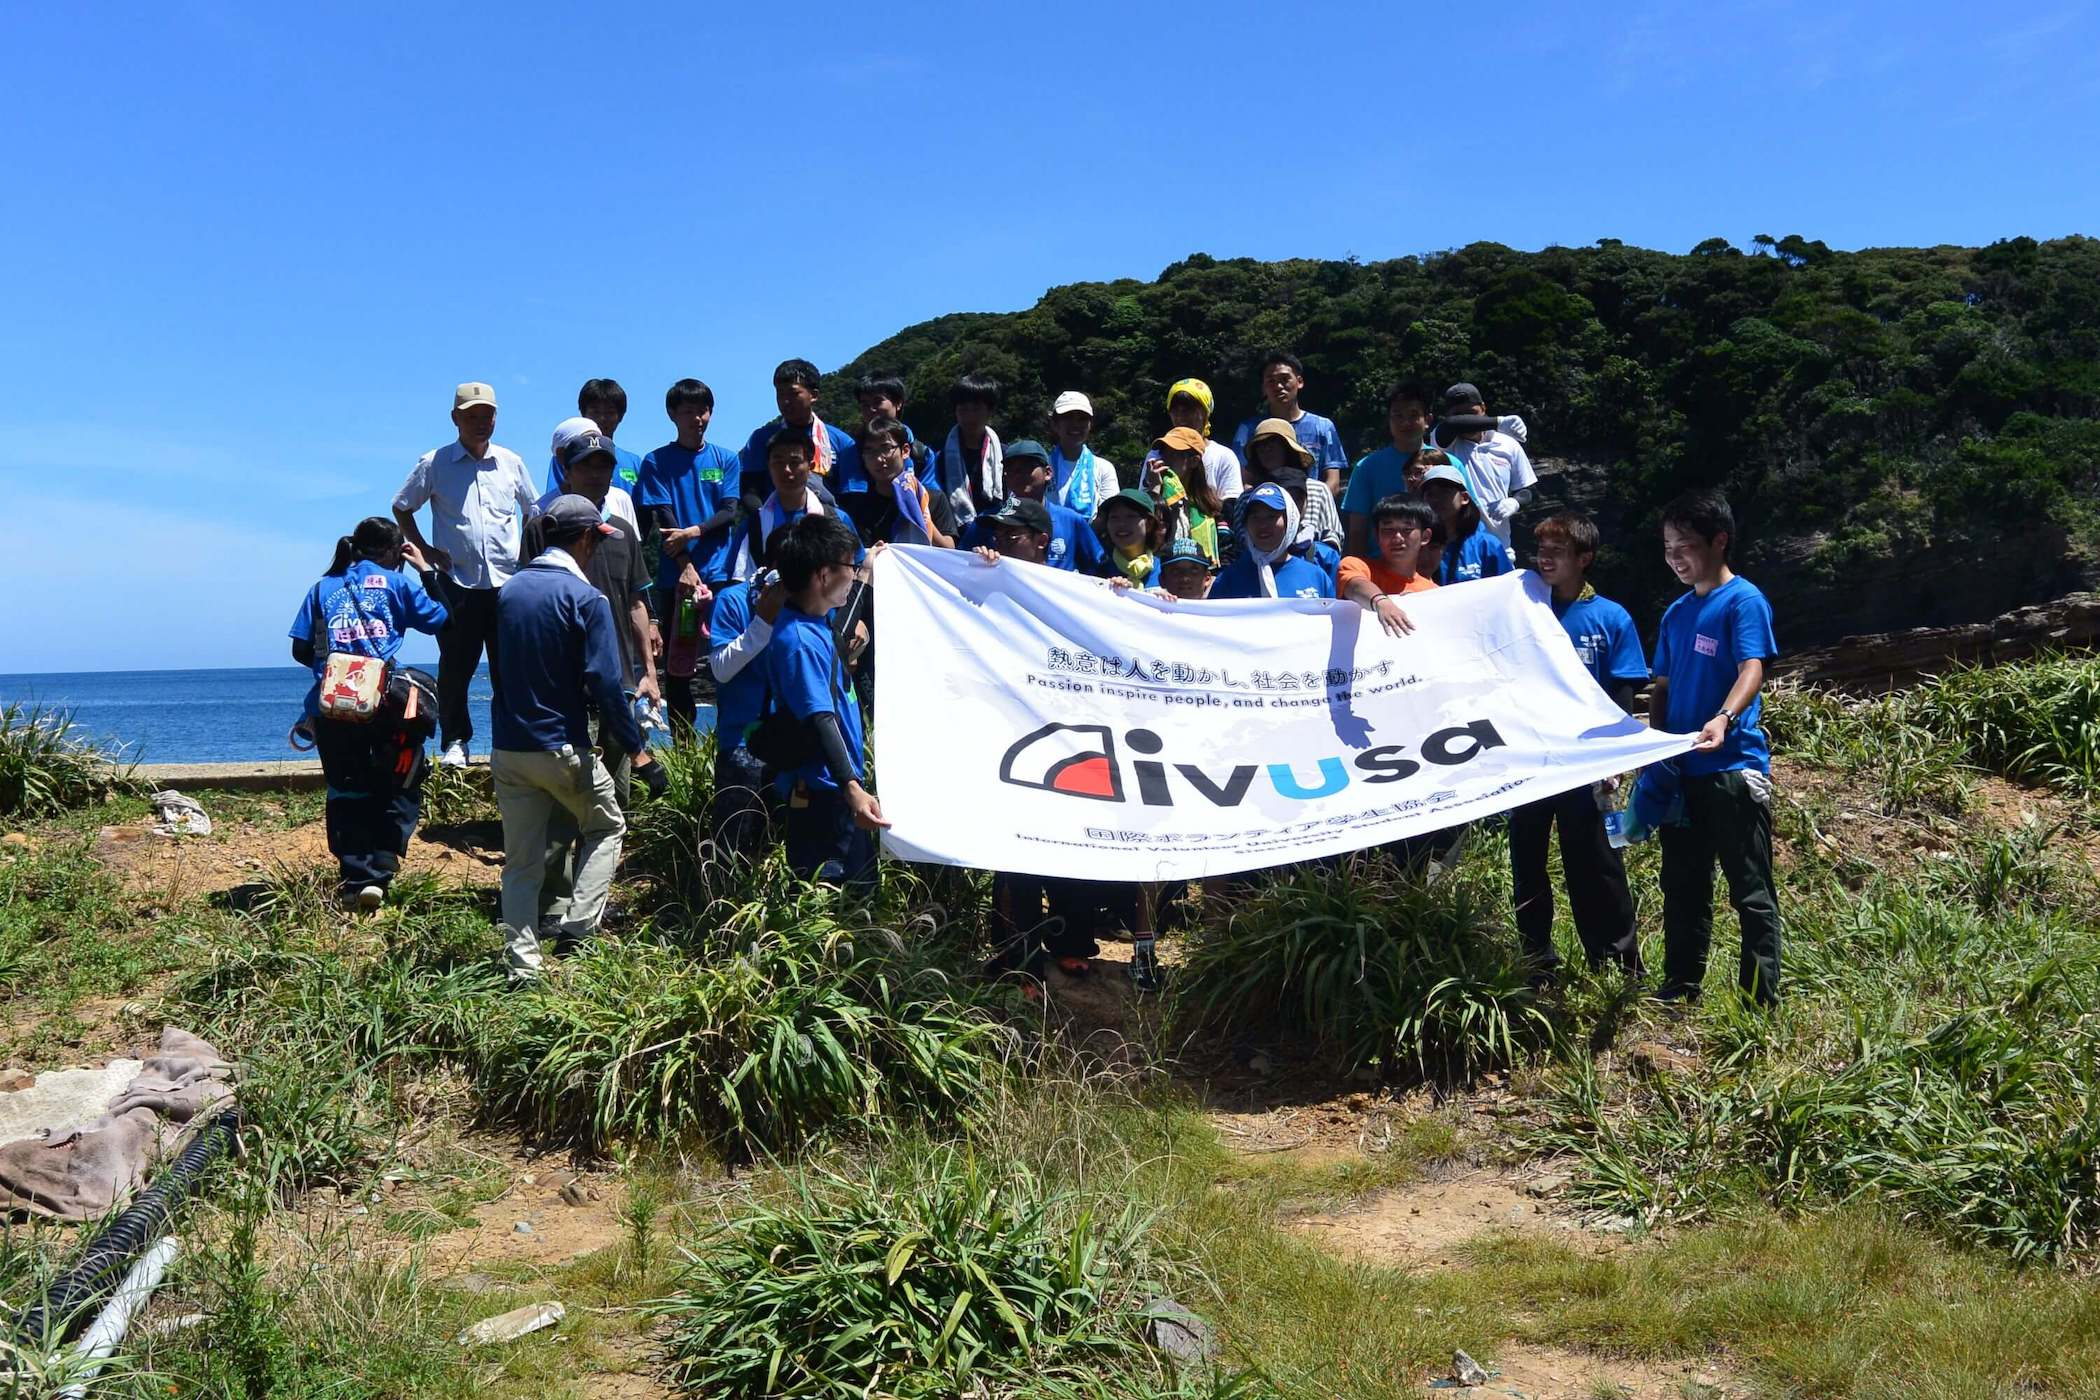 特定非営利活動法人 国際ボランティア学生協会(IVUSA)の海岸清掃活動